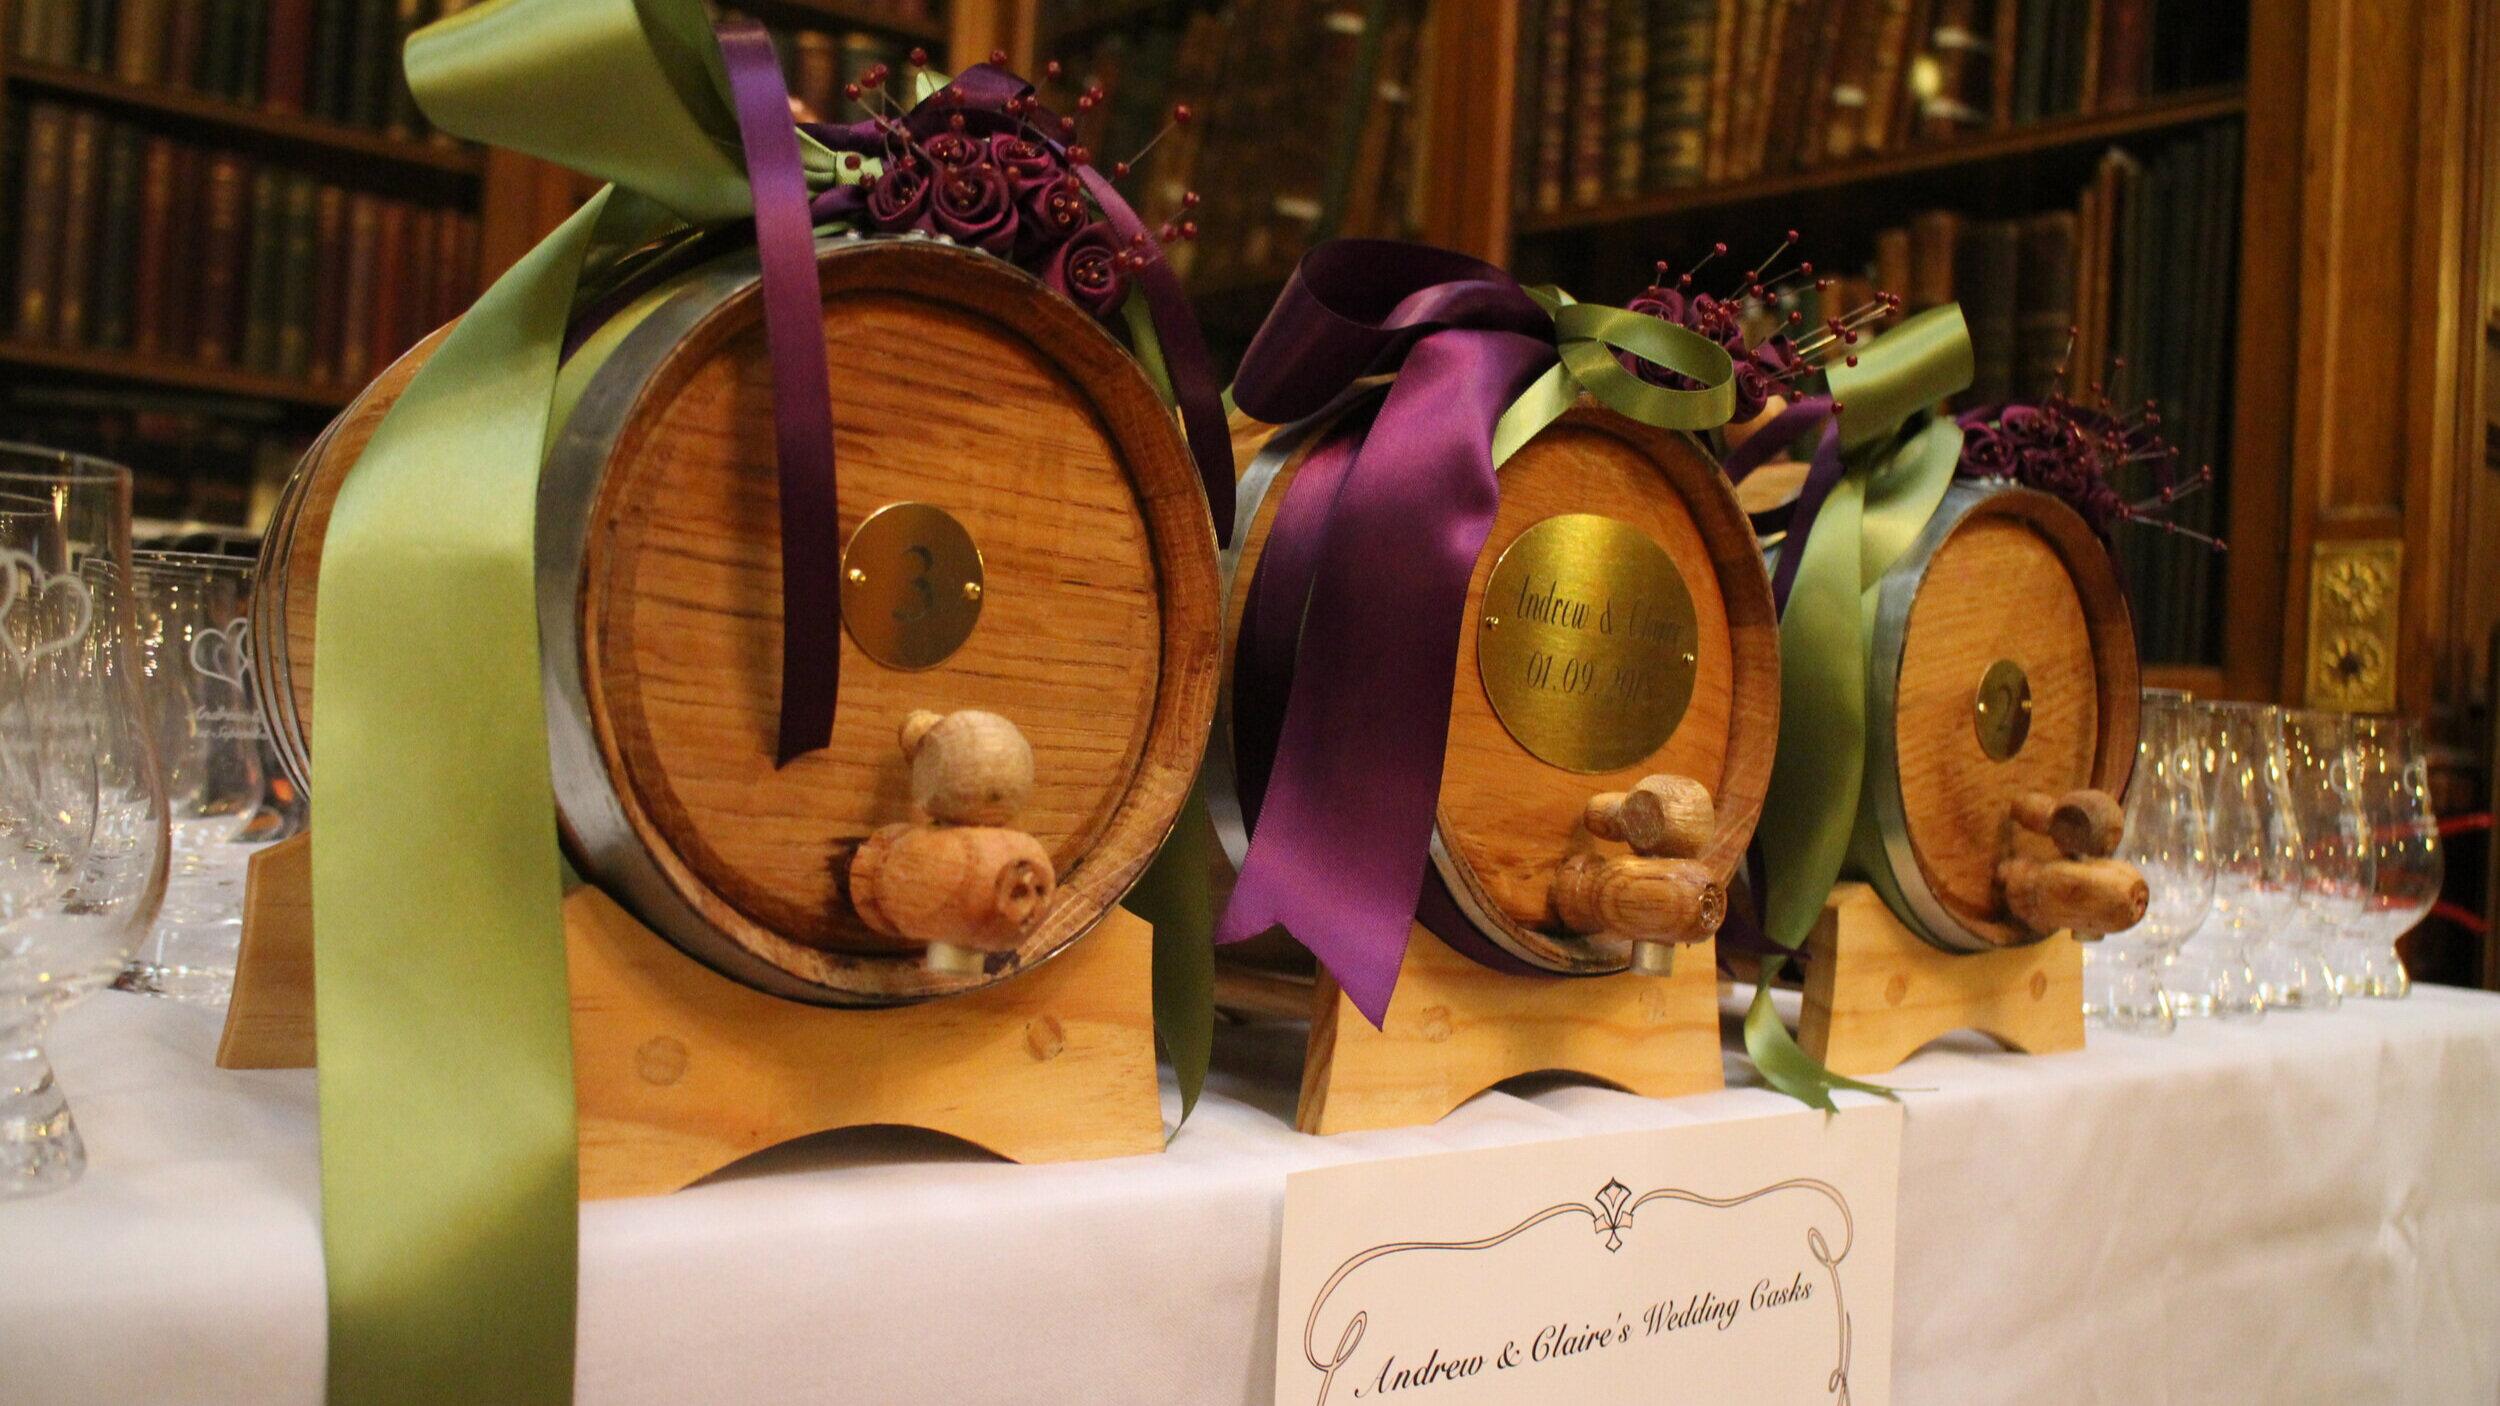 Designer whisky casks for weddings